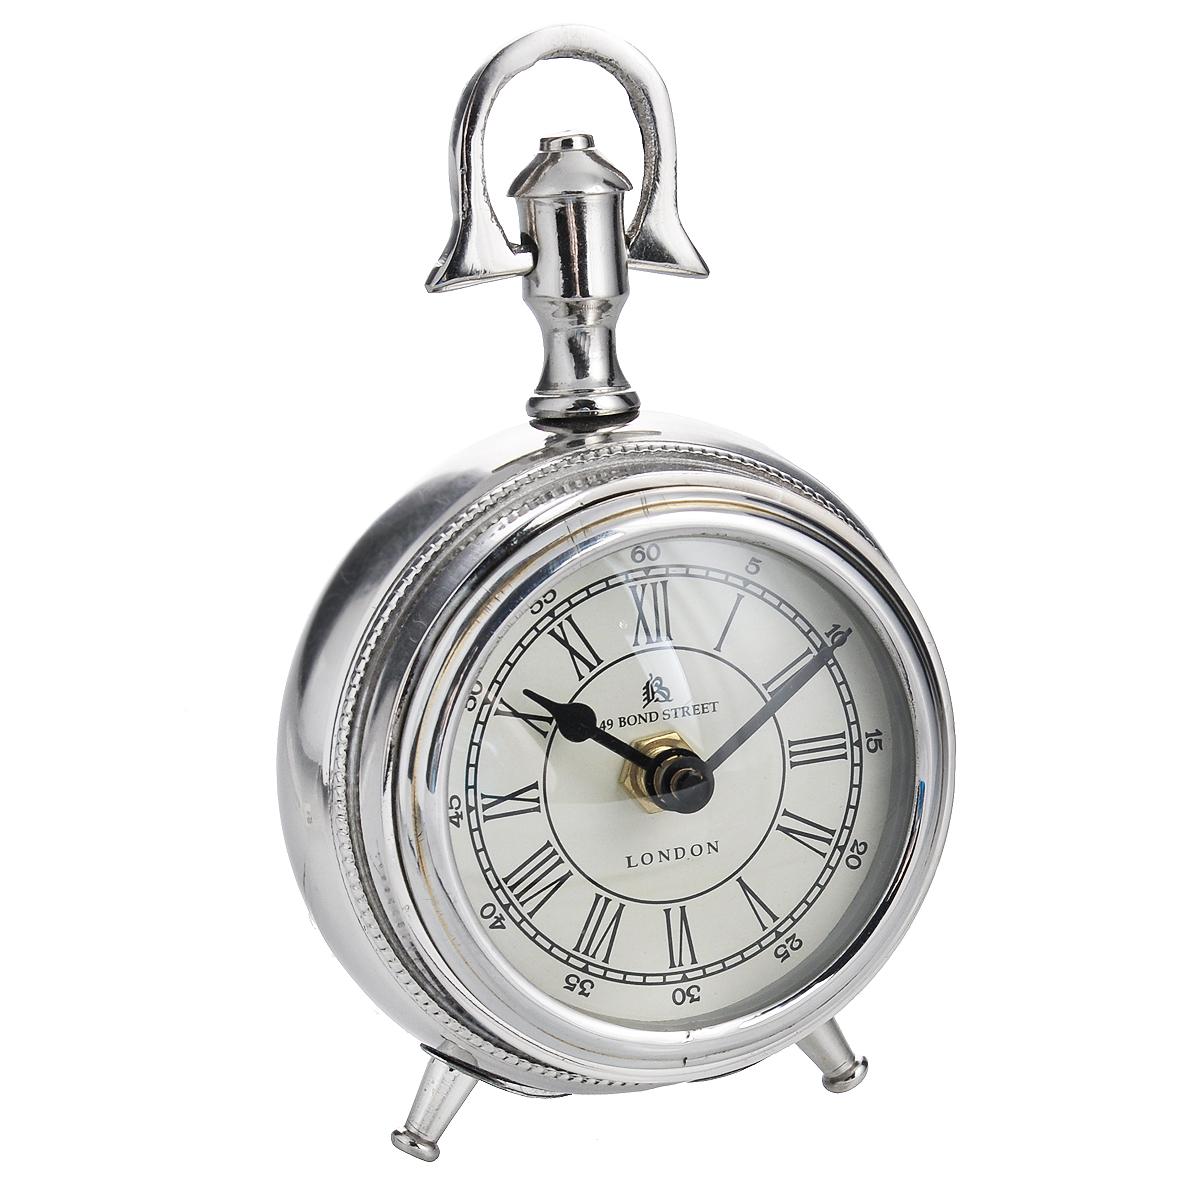 Часы настольные Win Max, цвет: металлик. 3582335823Оригинальный дизайн настольных часов Win Max разработан с учетом современных тенденций оформления интерьеров. Выполненные из металлического сплава в виде старинных часов, они, несомненно, будут привлекать к себе внимание. Часы с кварцевым механизмом работают плавно и бесшумно и требуют лишь примерно раз в год замены батарейки. На циферблате имеются часовая и минутная стрелки. Такие часы легко впишутся в любой интерьер и станут великолепным подарком! Характеристики: Материал: металл (алюминий), стекло. Общий размер (ДхШхВ): 10 см х 7 см х 13 см. Диаметр циферблата: 7 см.